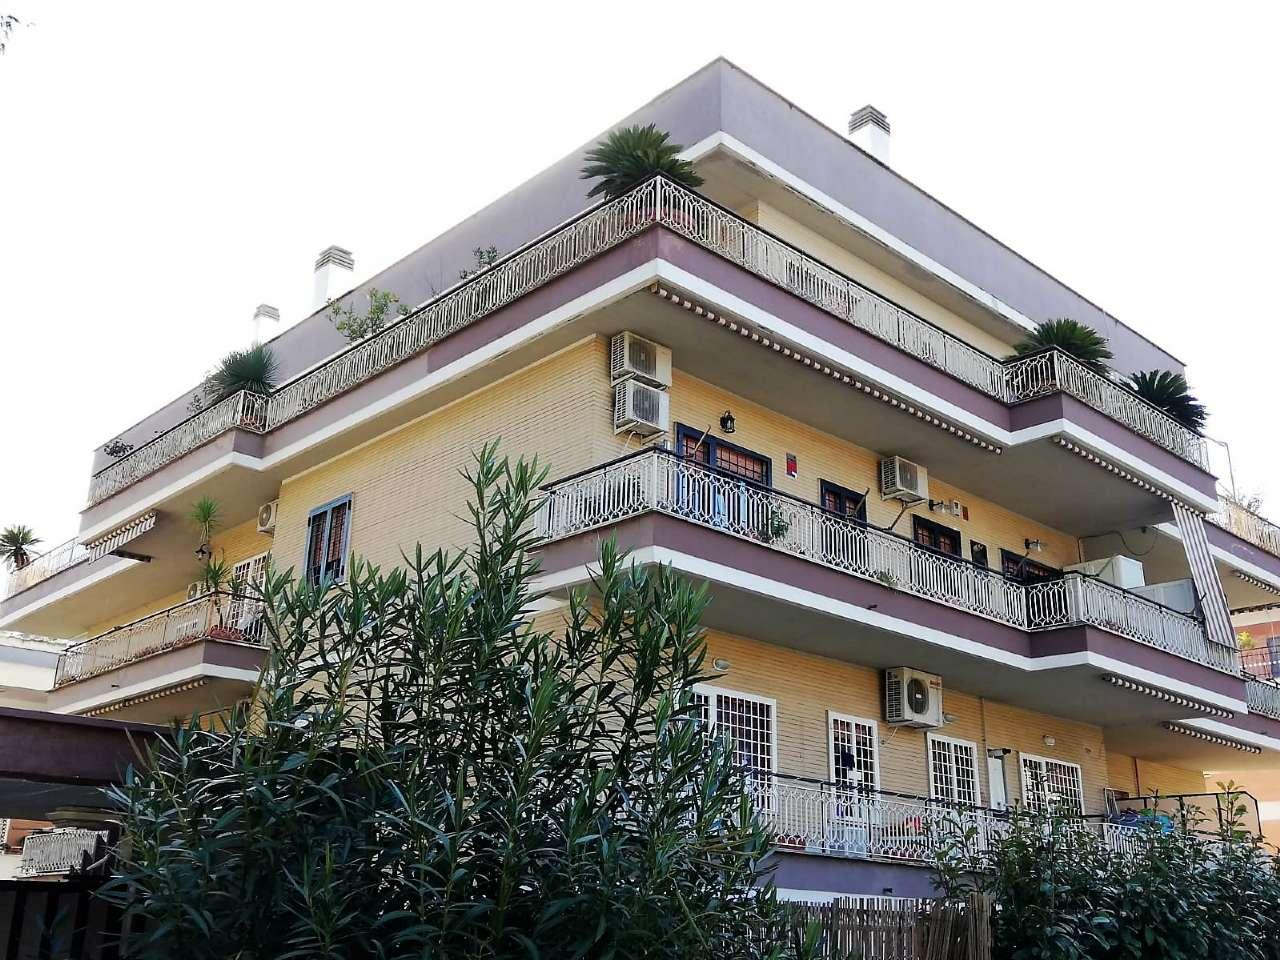 Appartamento in vendita a Roma, 3 locali, zona Zona: 24 . Gianicolense - Colli Portuensi - Monteverde, prezzo € 309.000   CambioCasa.it